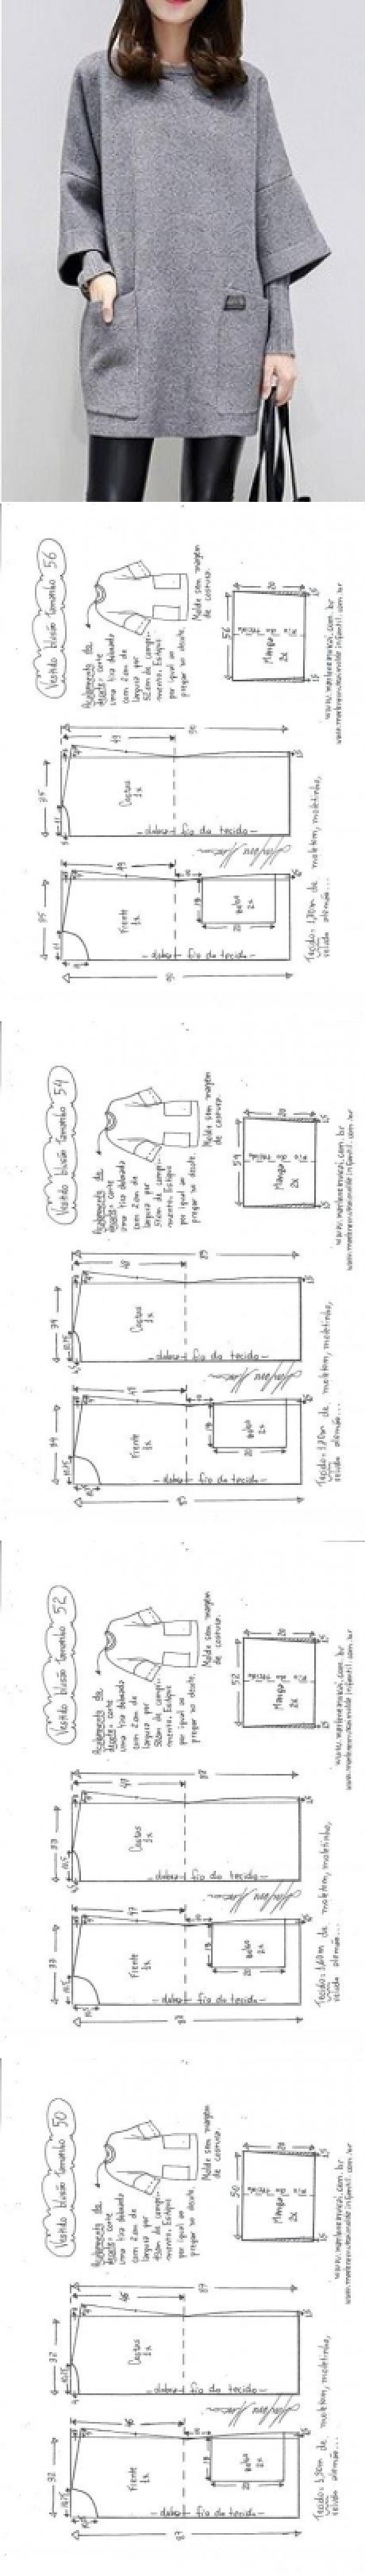 Свитер с капюшоном - DIY - плесень, вырезка и шьют - Marlene Mukai ...